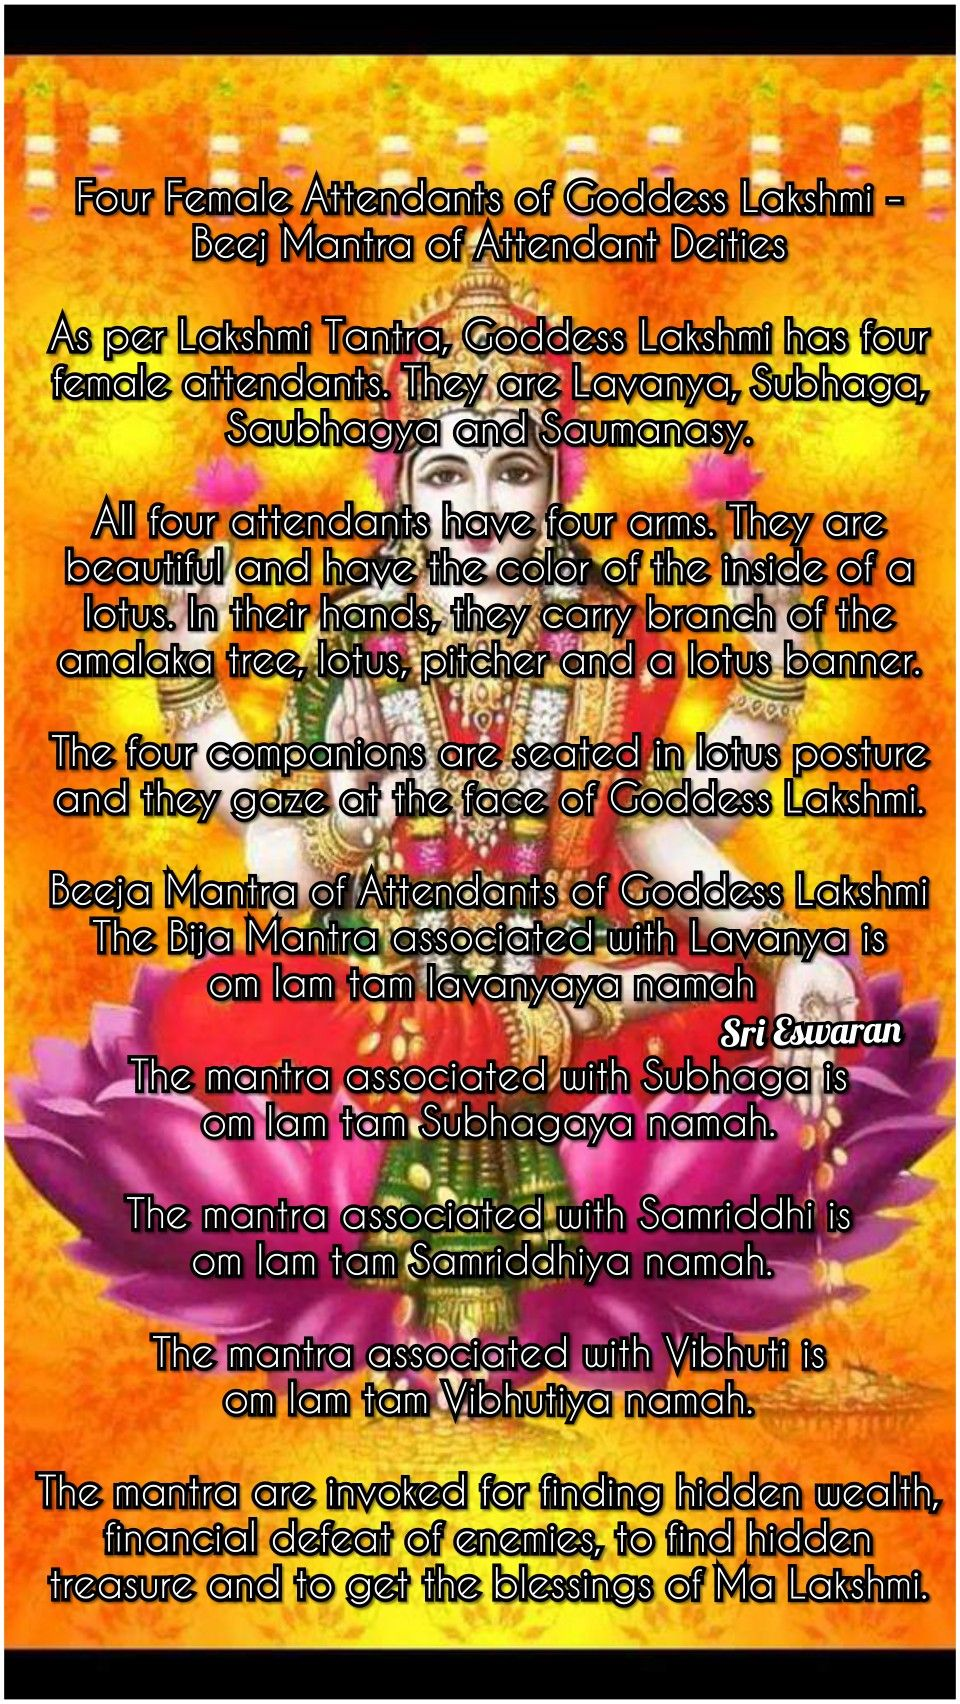 Four Female Attendants of Goddess Lakshmi - Beej Mantra of